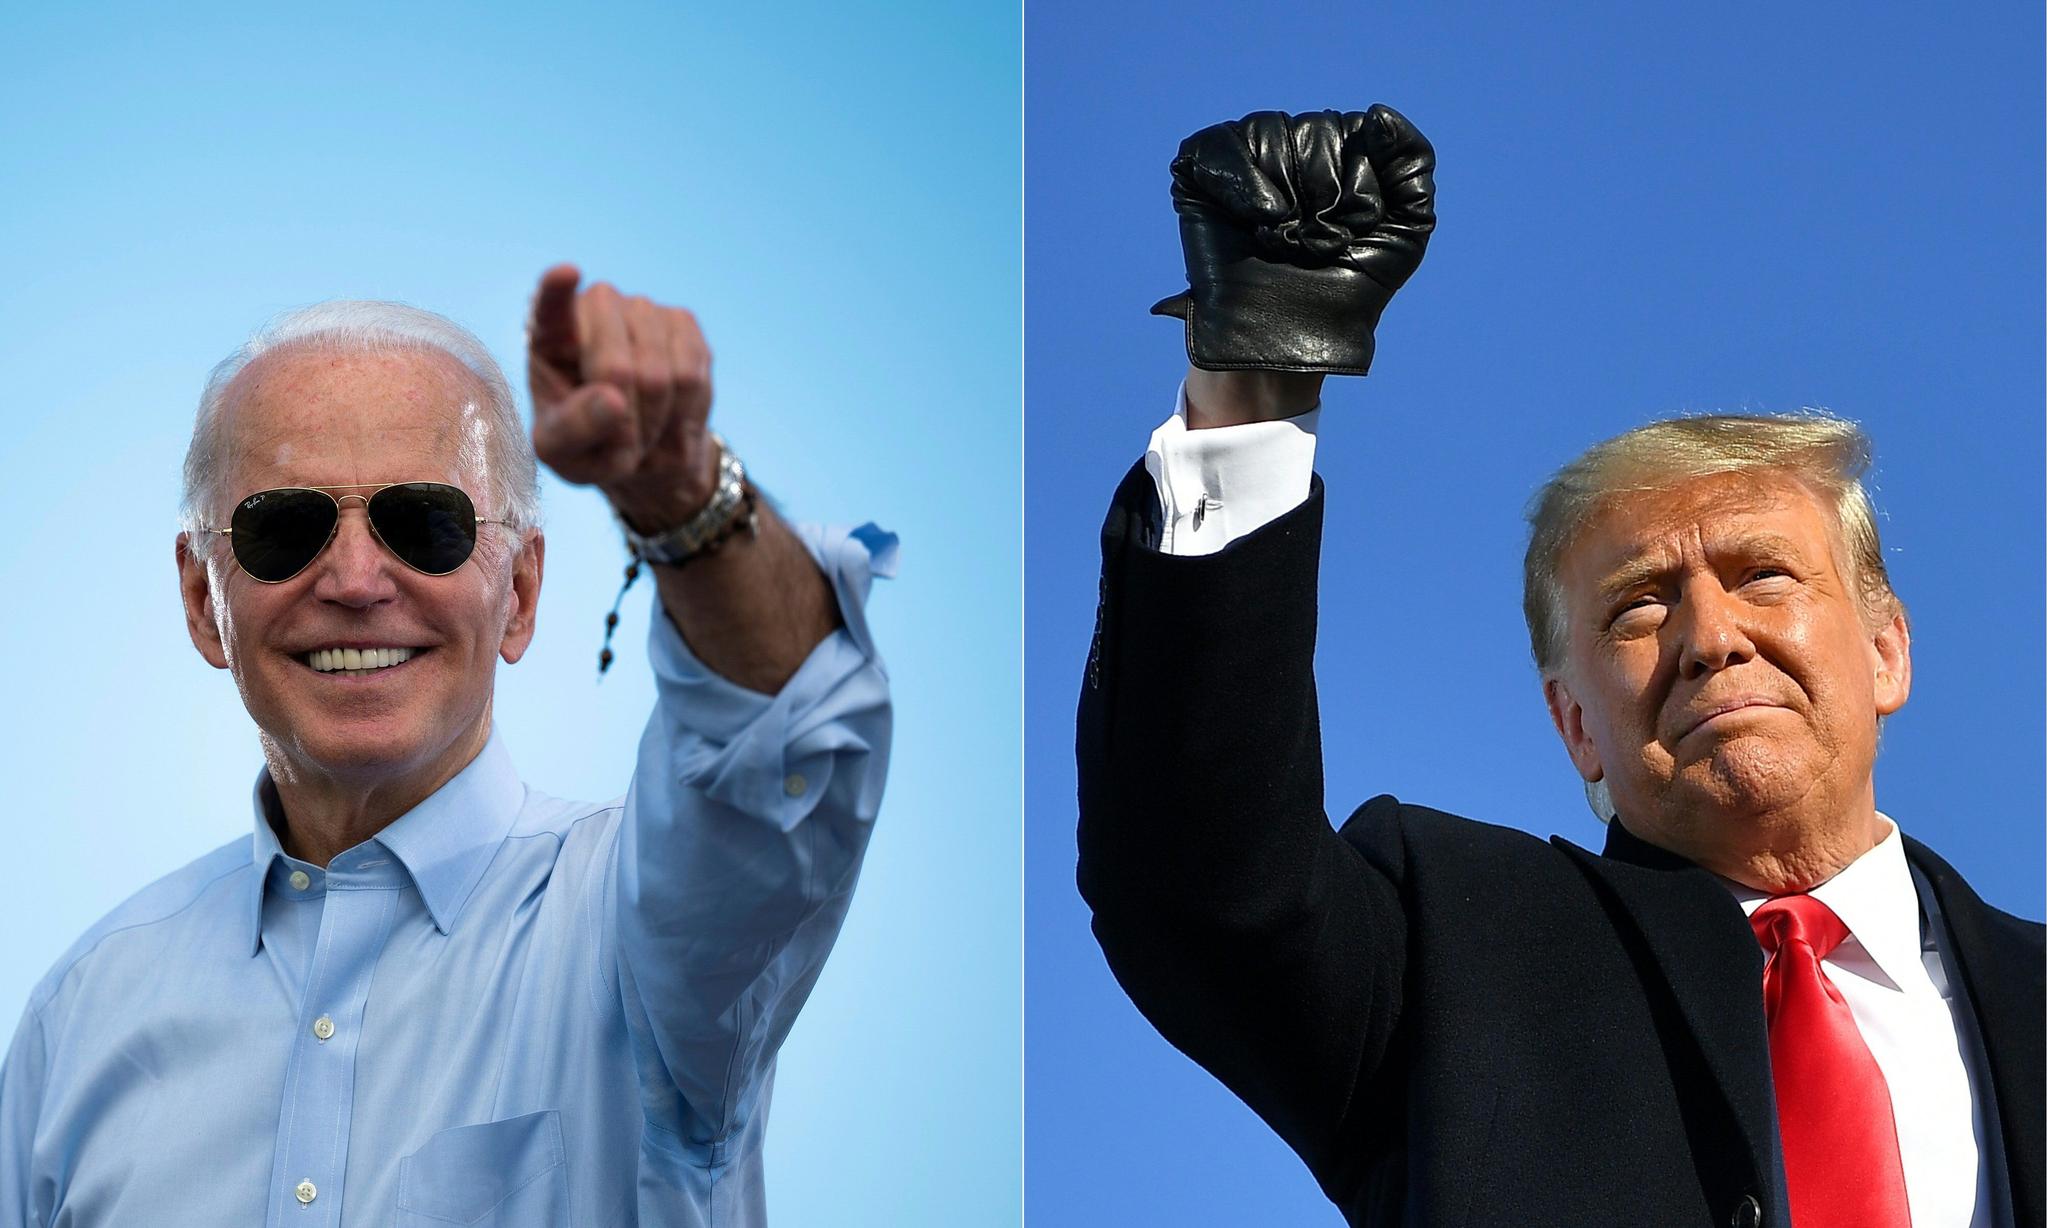 2020년 10월 29일 미국 플로리다 코코넛 크릭에서 유세 중인 바이든(왼쪽). 이해 10월 30일 위스콘신 그린베이에서 유세 중인 트럼프. [AFP=연합뉴스]